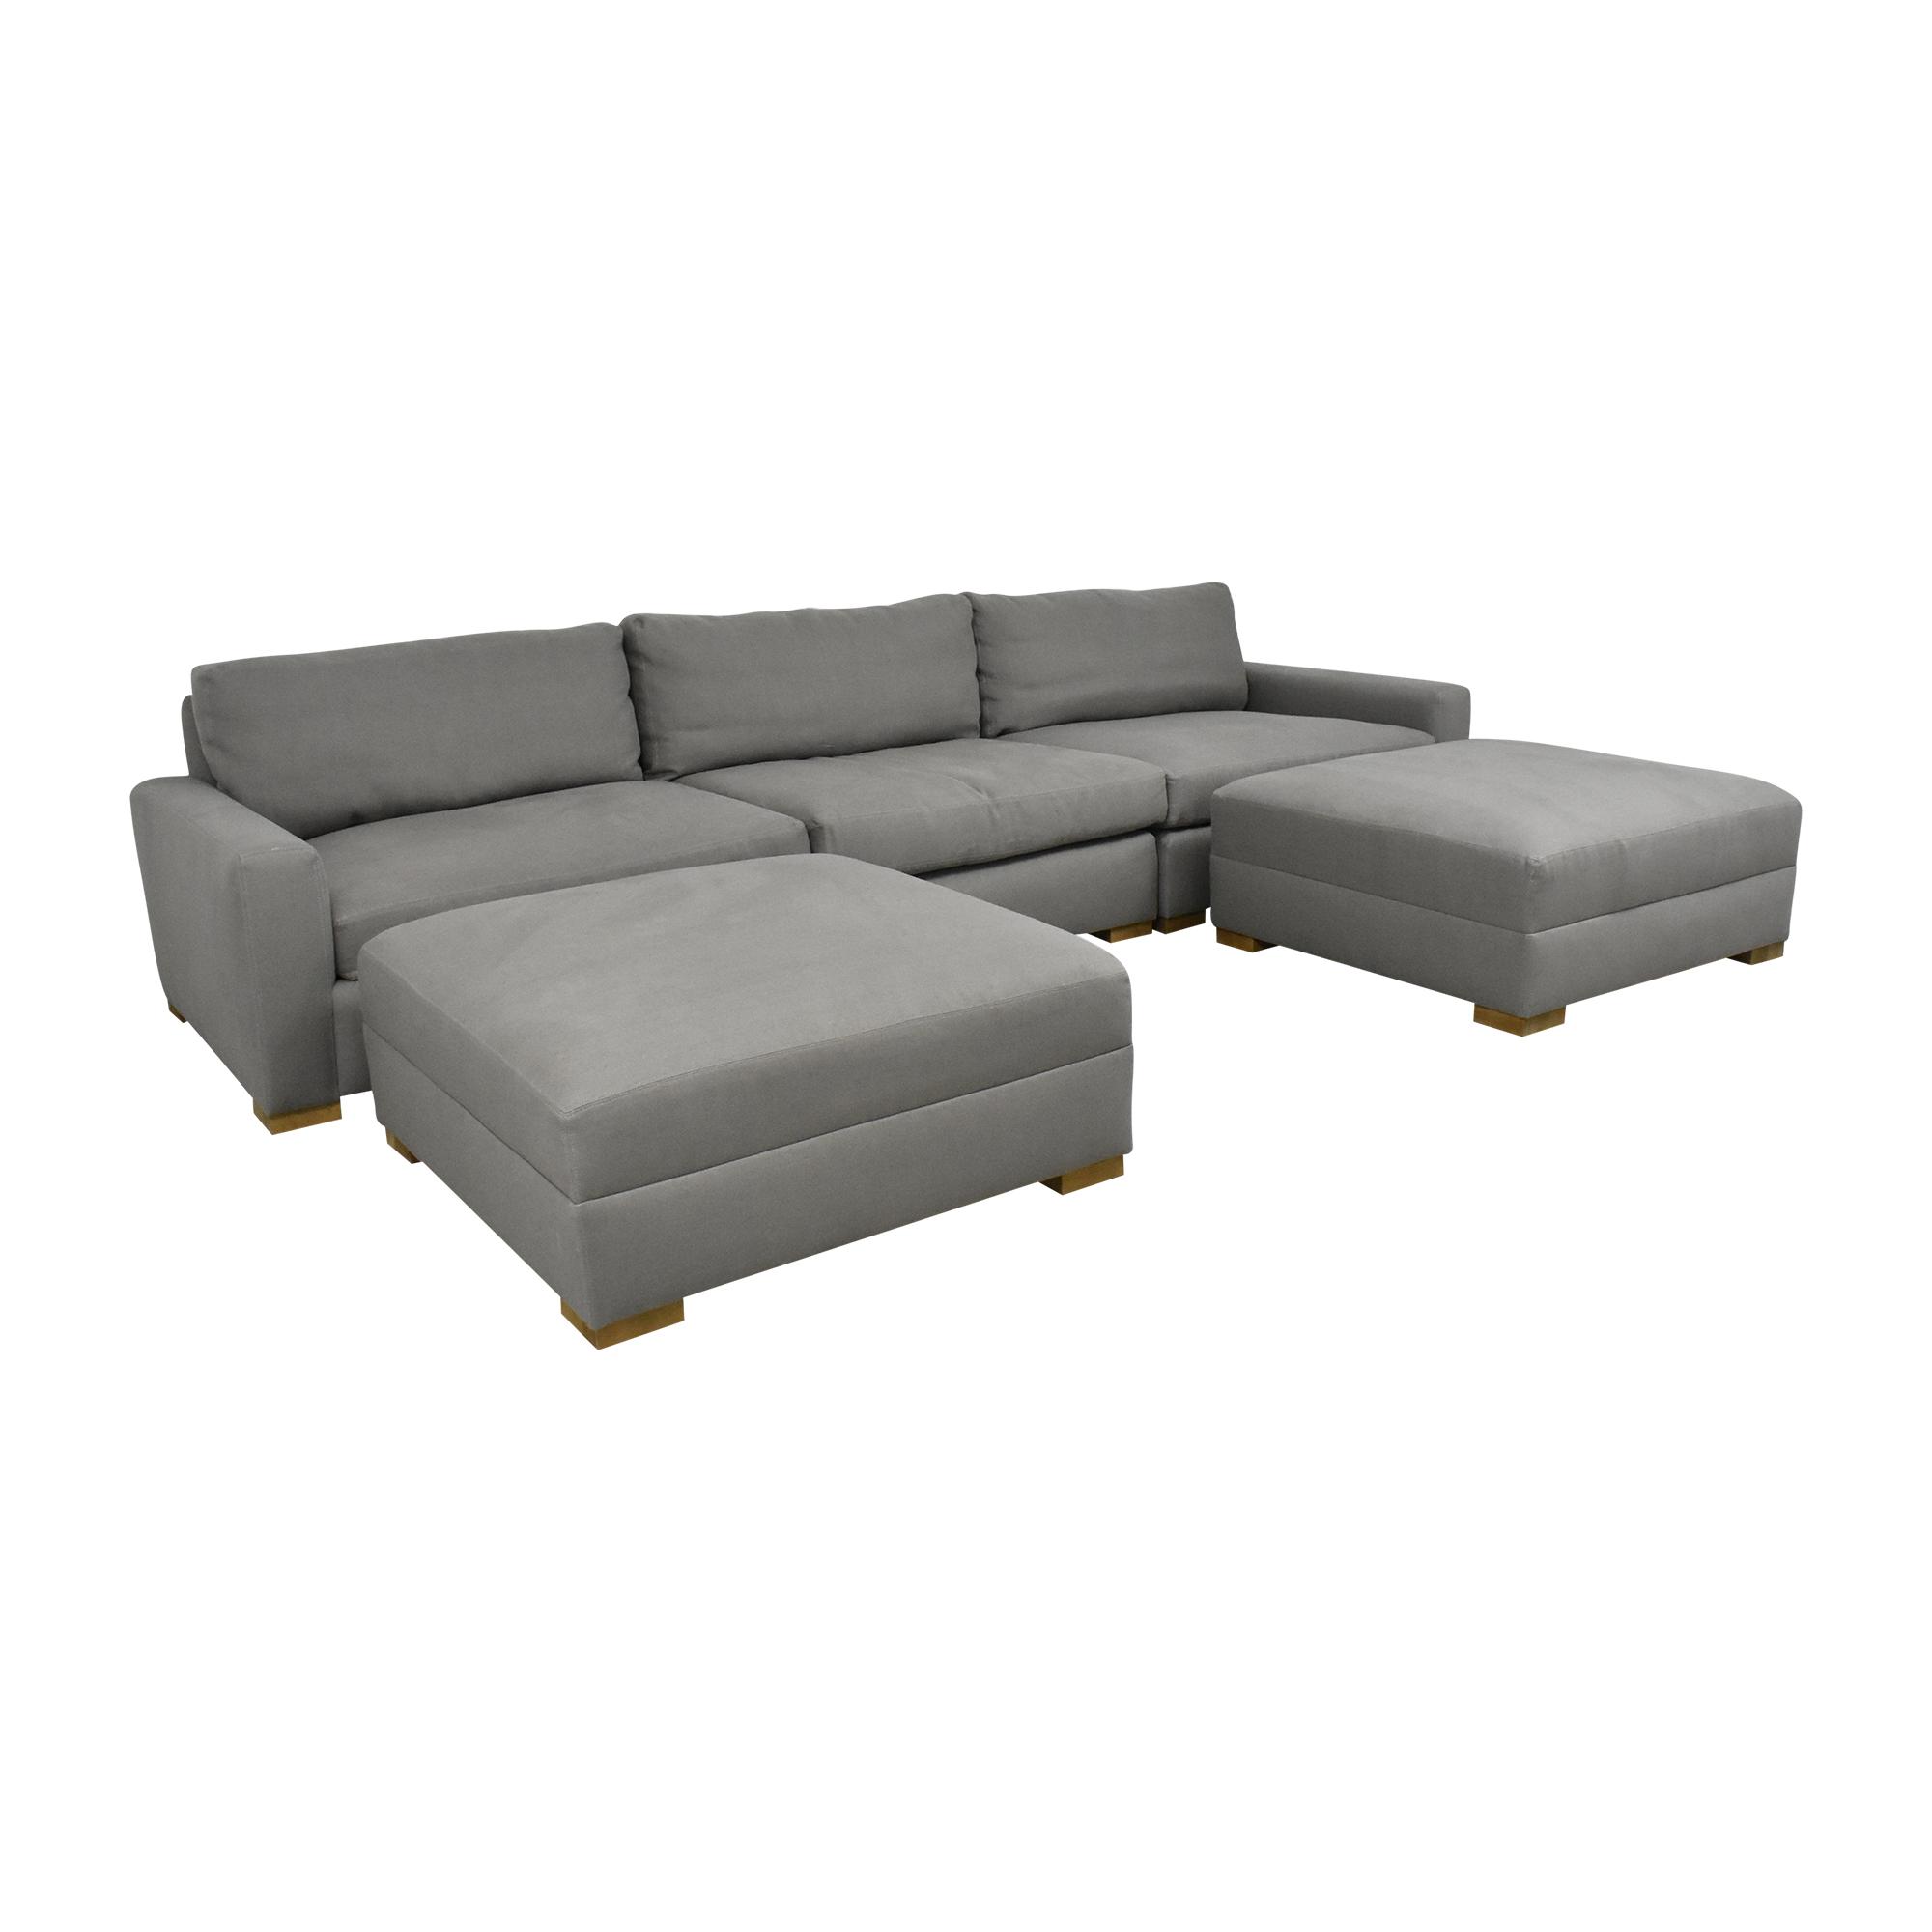 buy Restoration Hardware Maxwell Modular Sofa with Ottomans Restoration Hardware Sofas